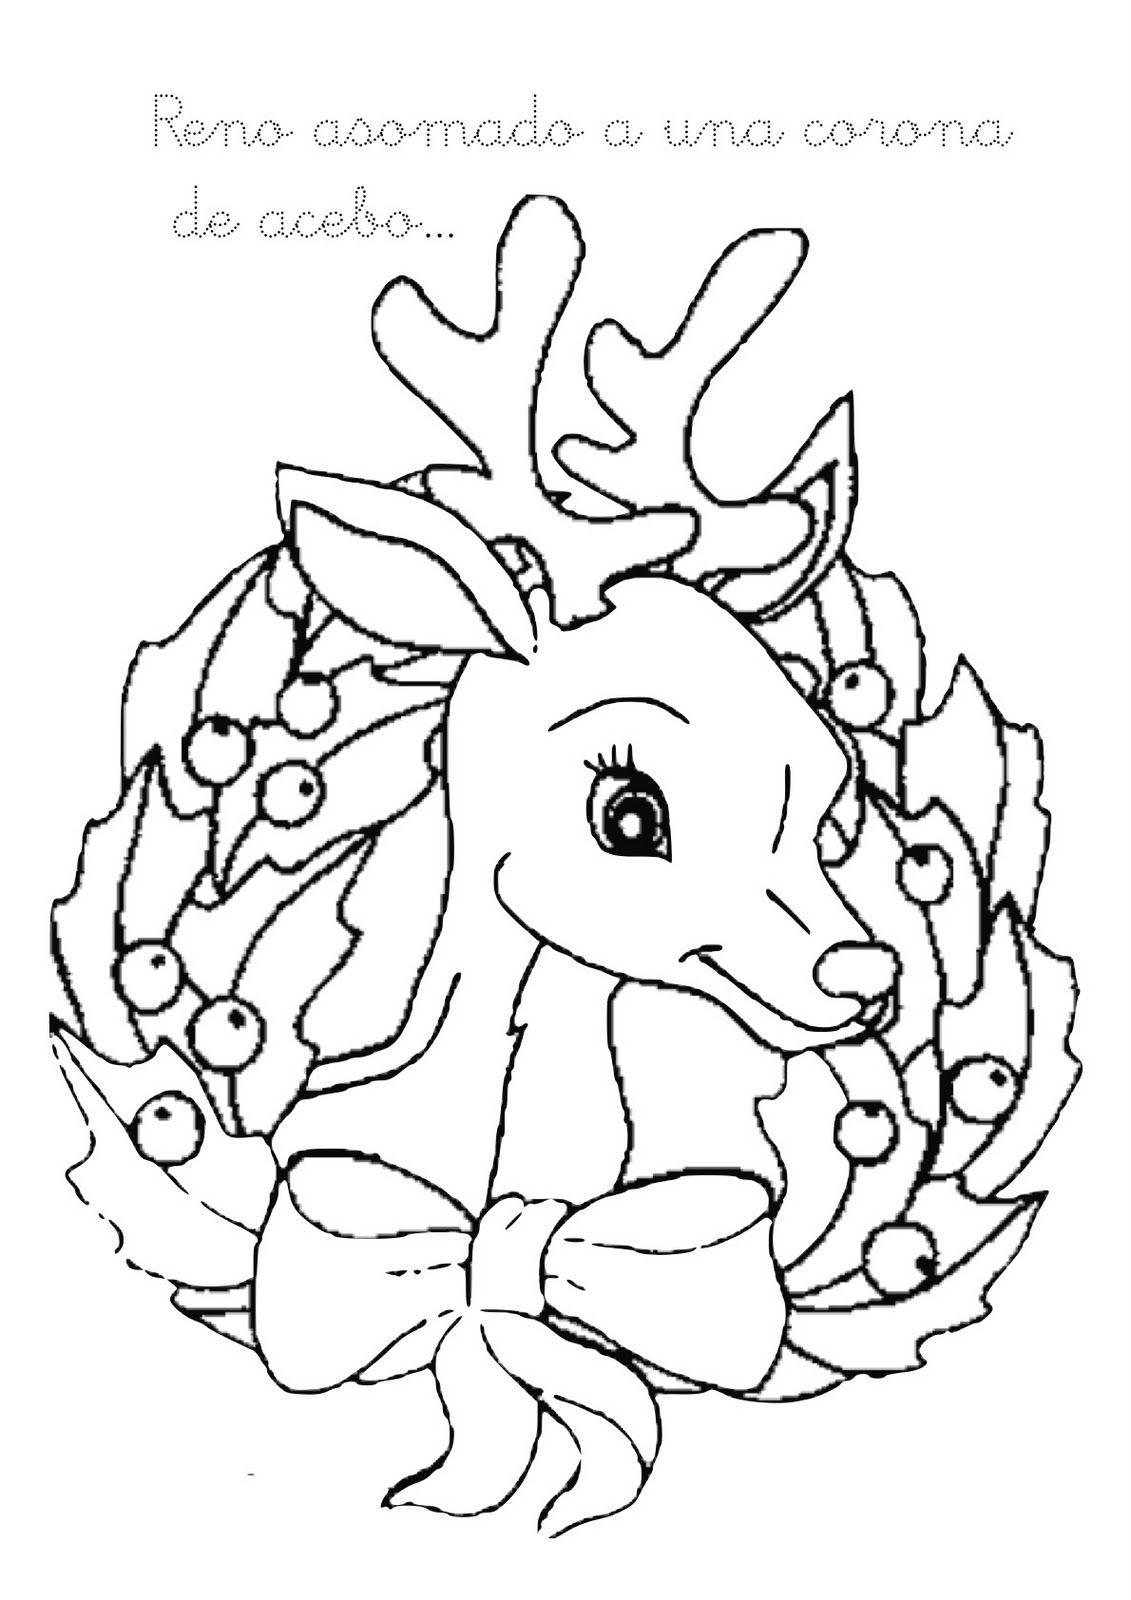 Bilder für kinder ausdrucken und online Parteien Weihnachten 269